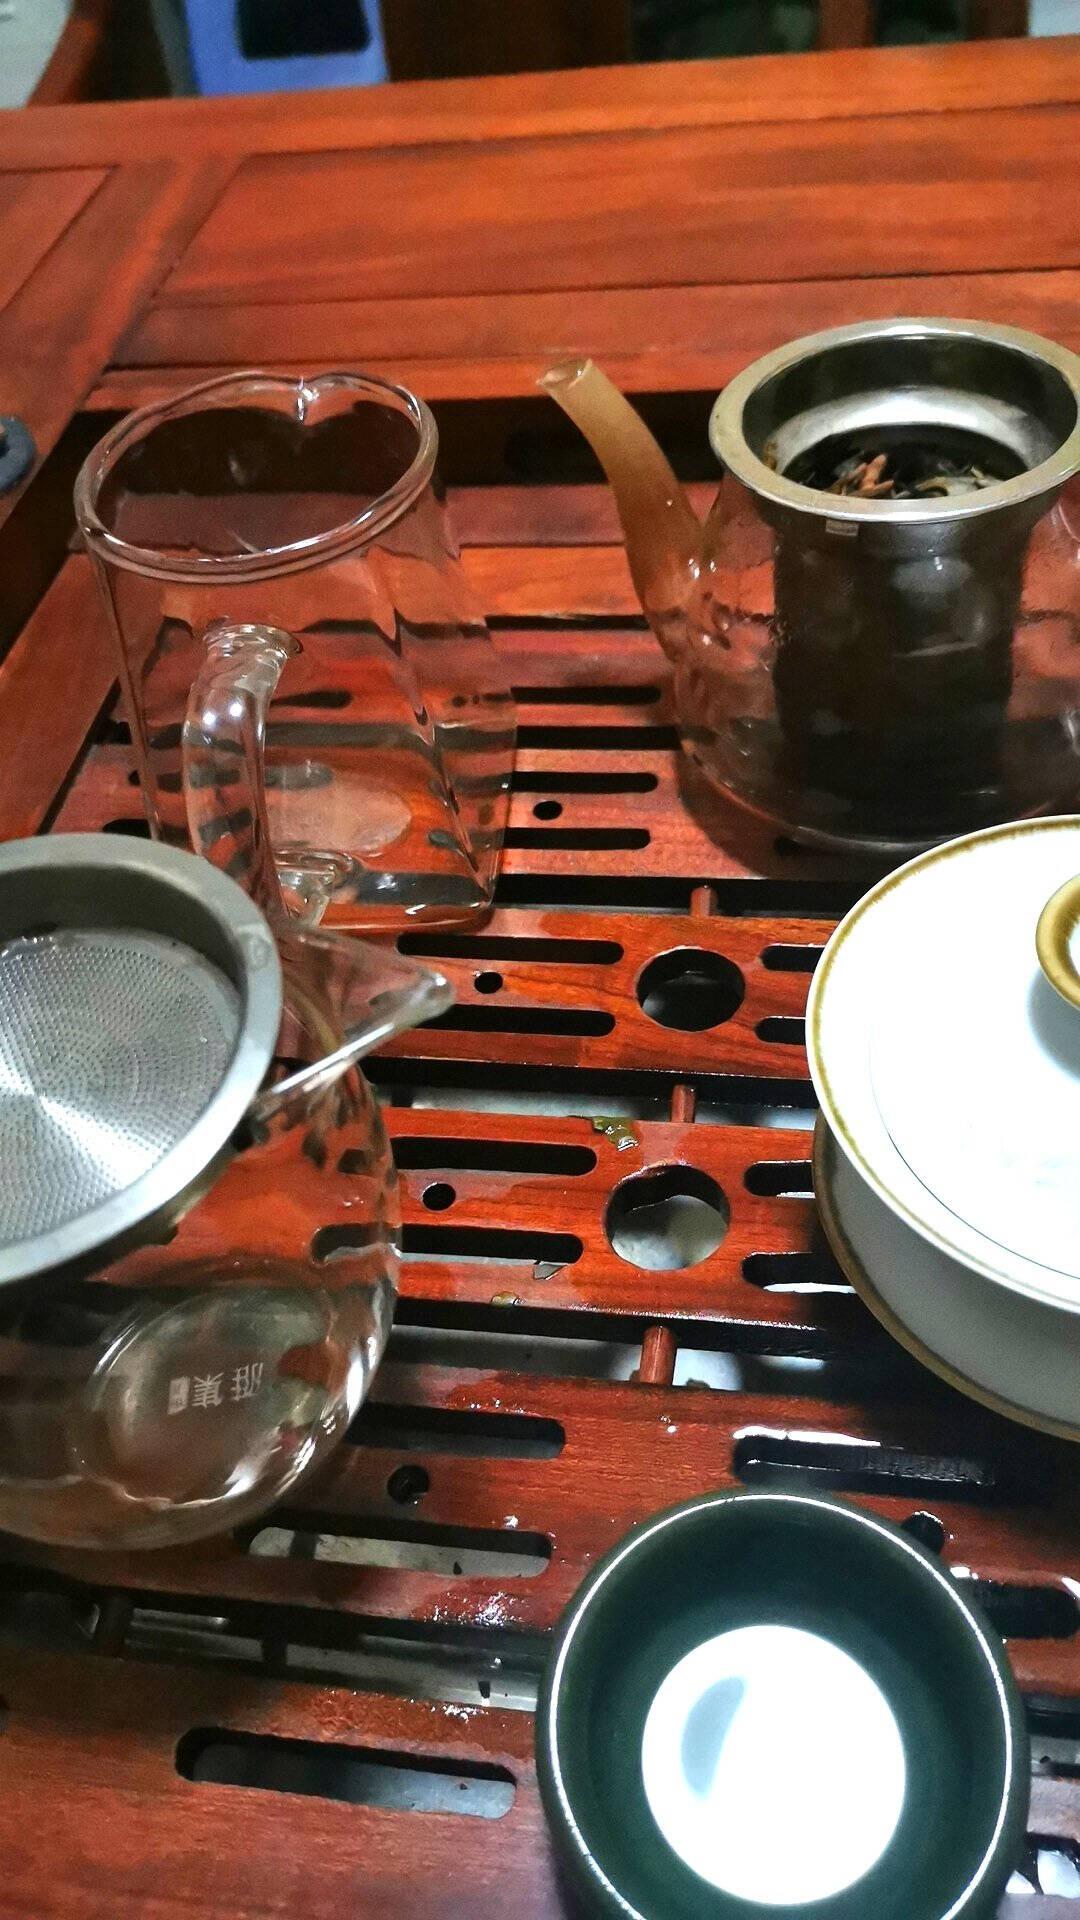 雅集玻璃公道杯带茶漏加厚耐热分茶器家用过滤茶海功夫茶道茶具配件